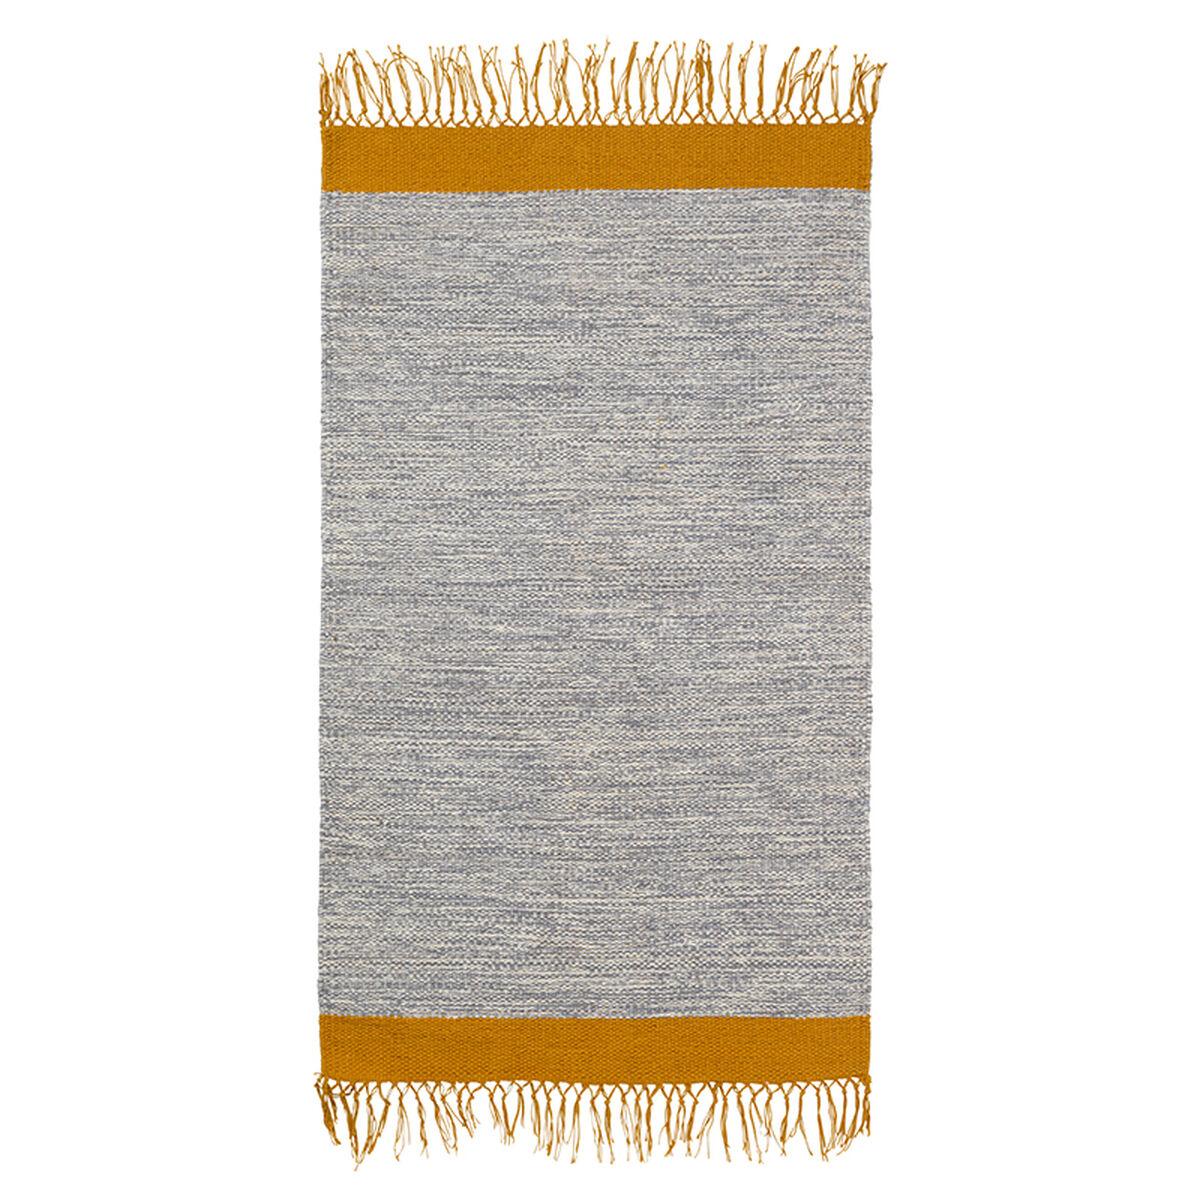 Ferm Living Melange kylpyhuoneen matto, harmaa-keltainen